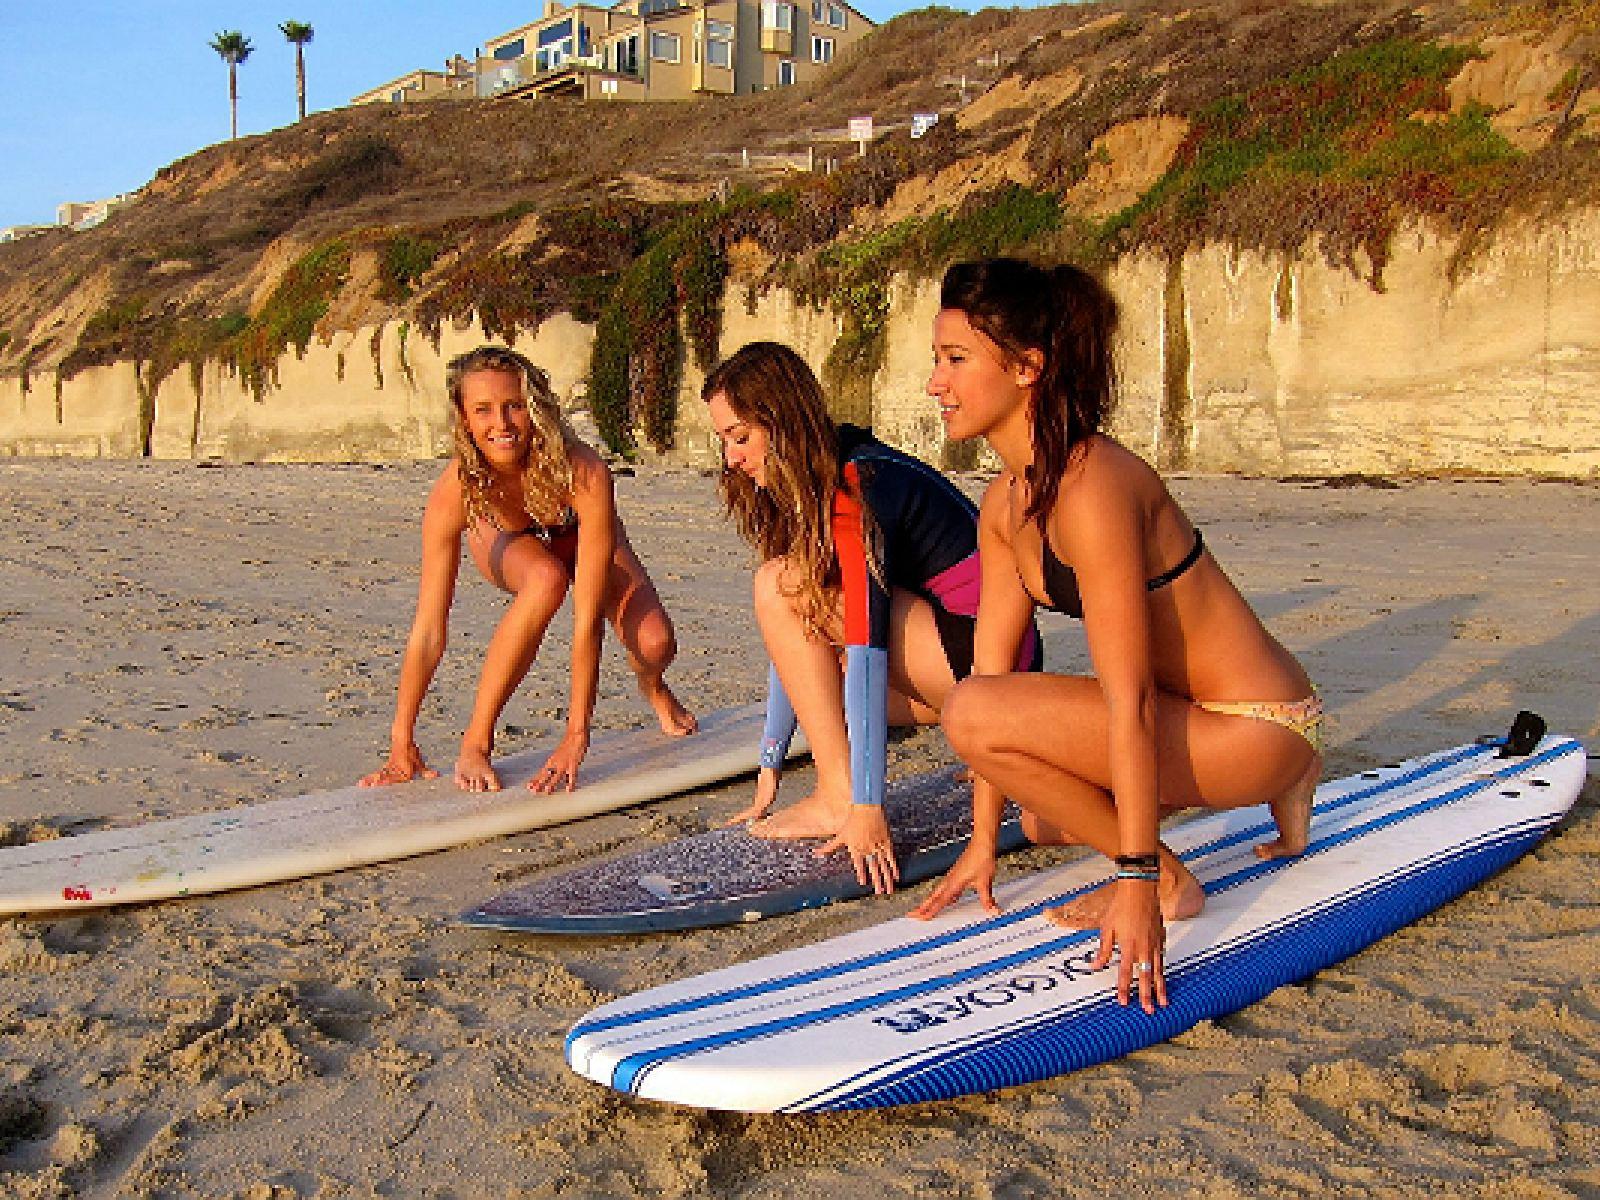 Main image for article titled Un Fin de Semana de Fitness al Aire Libre con Amigas en Los Ángeles